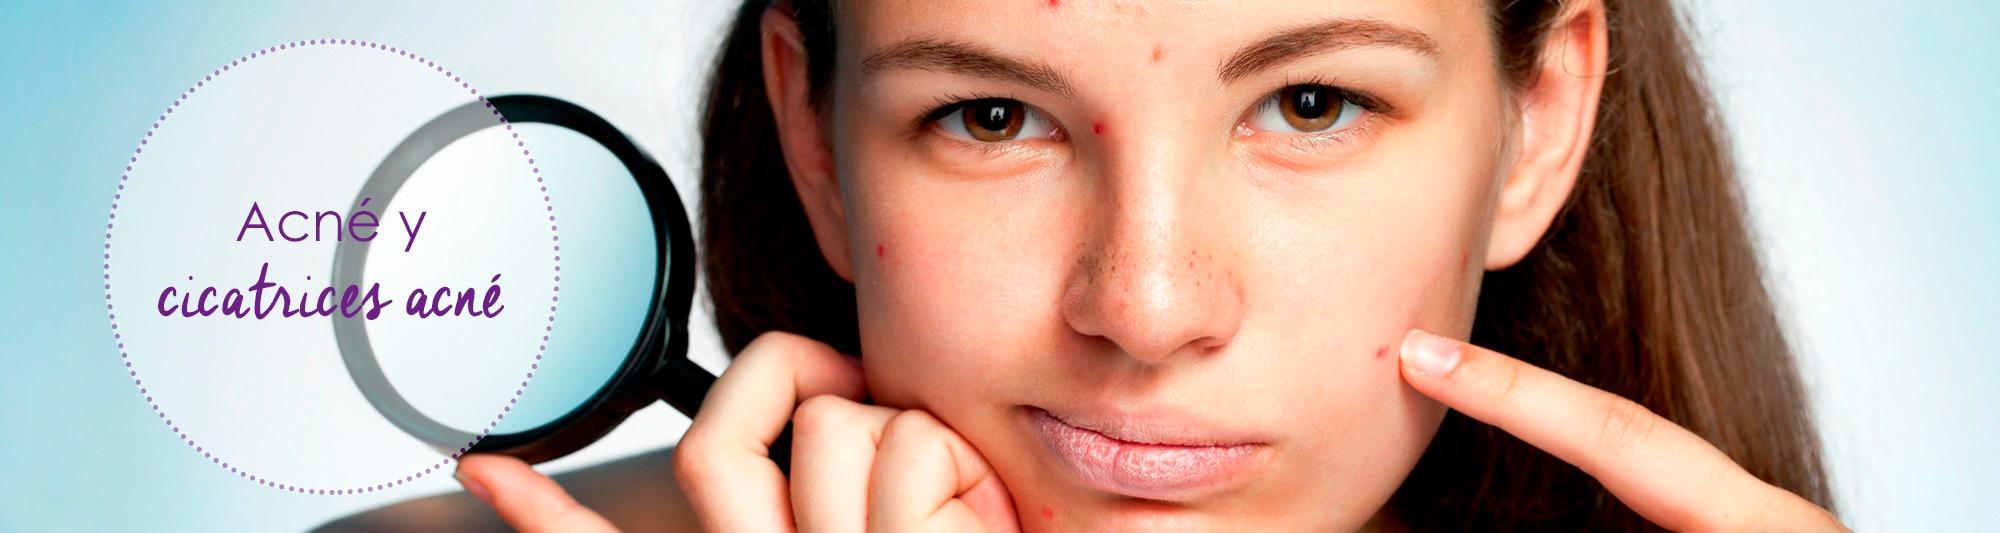 acne, marcas acne, cicatrices acne, cicatrices, acné, acne andorra